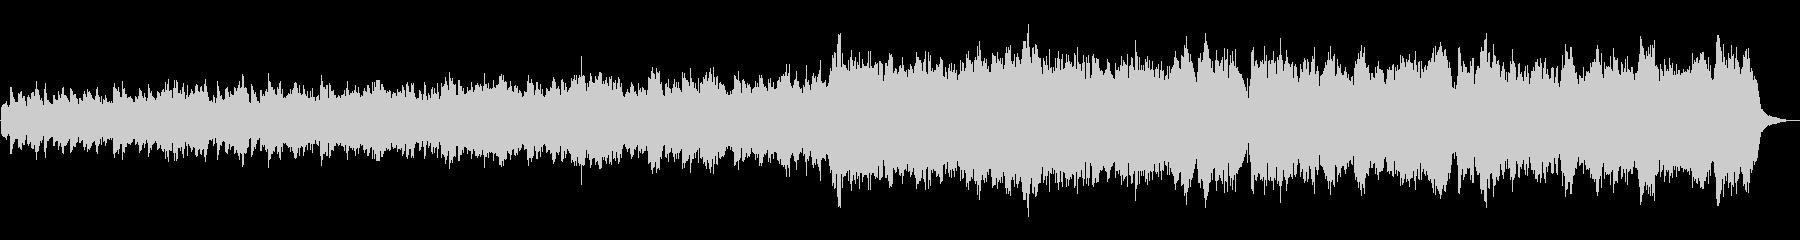 哀愁のあるオーボエのワルツの曲の未再生の波形